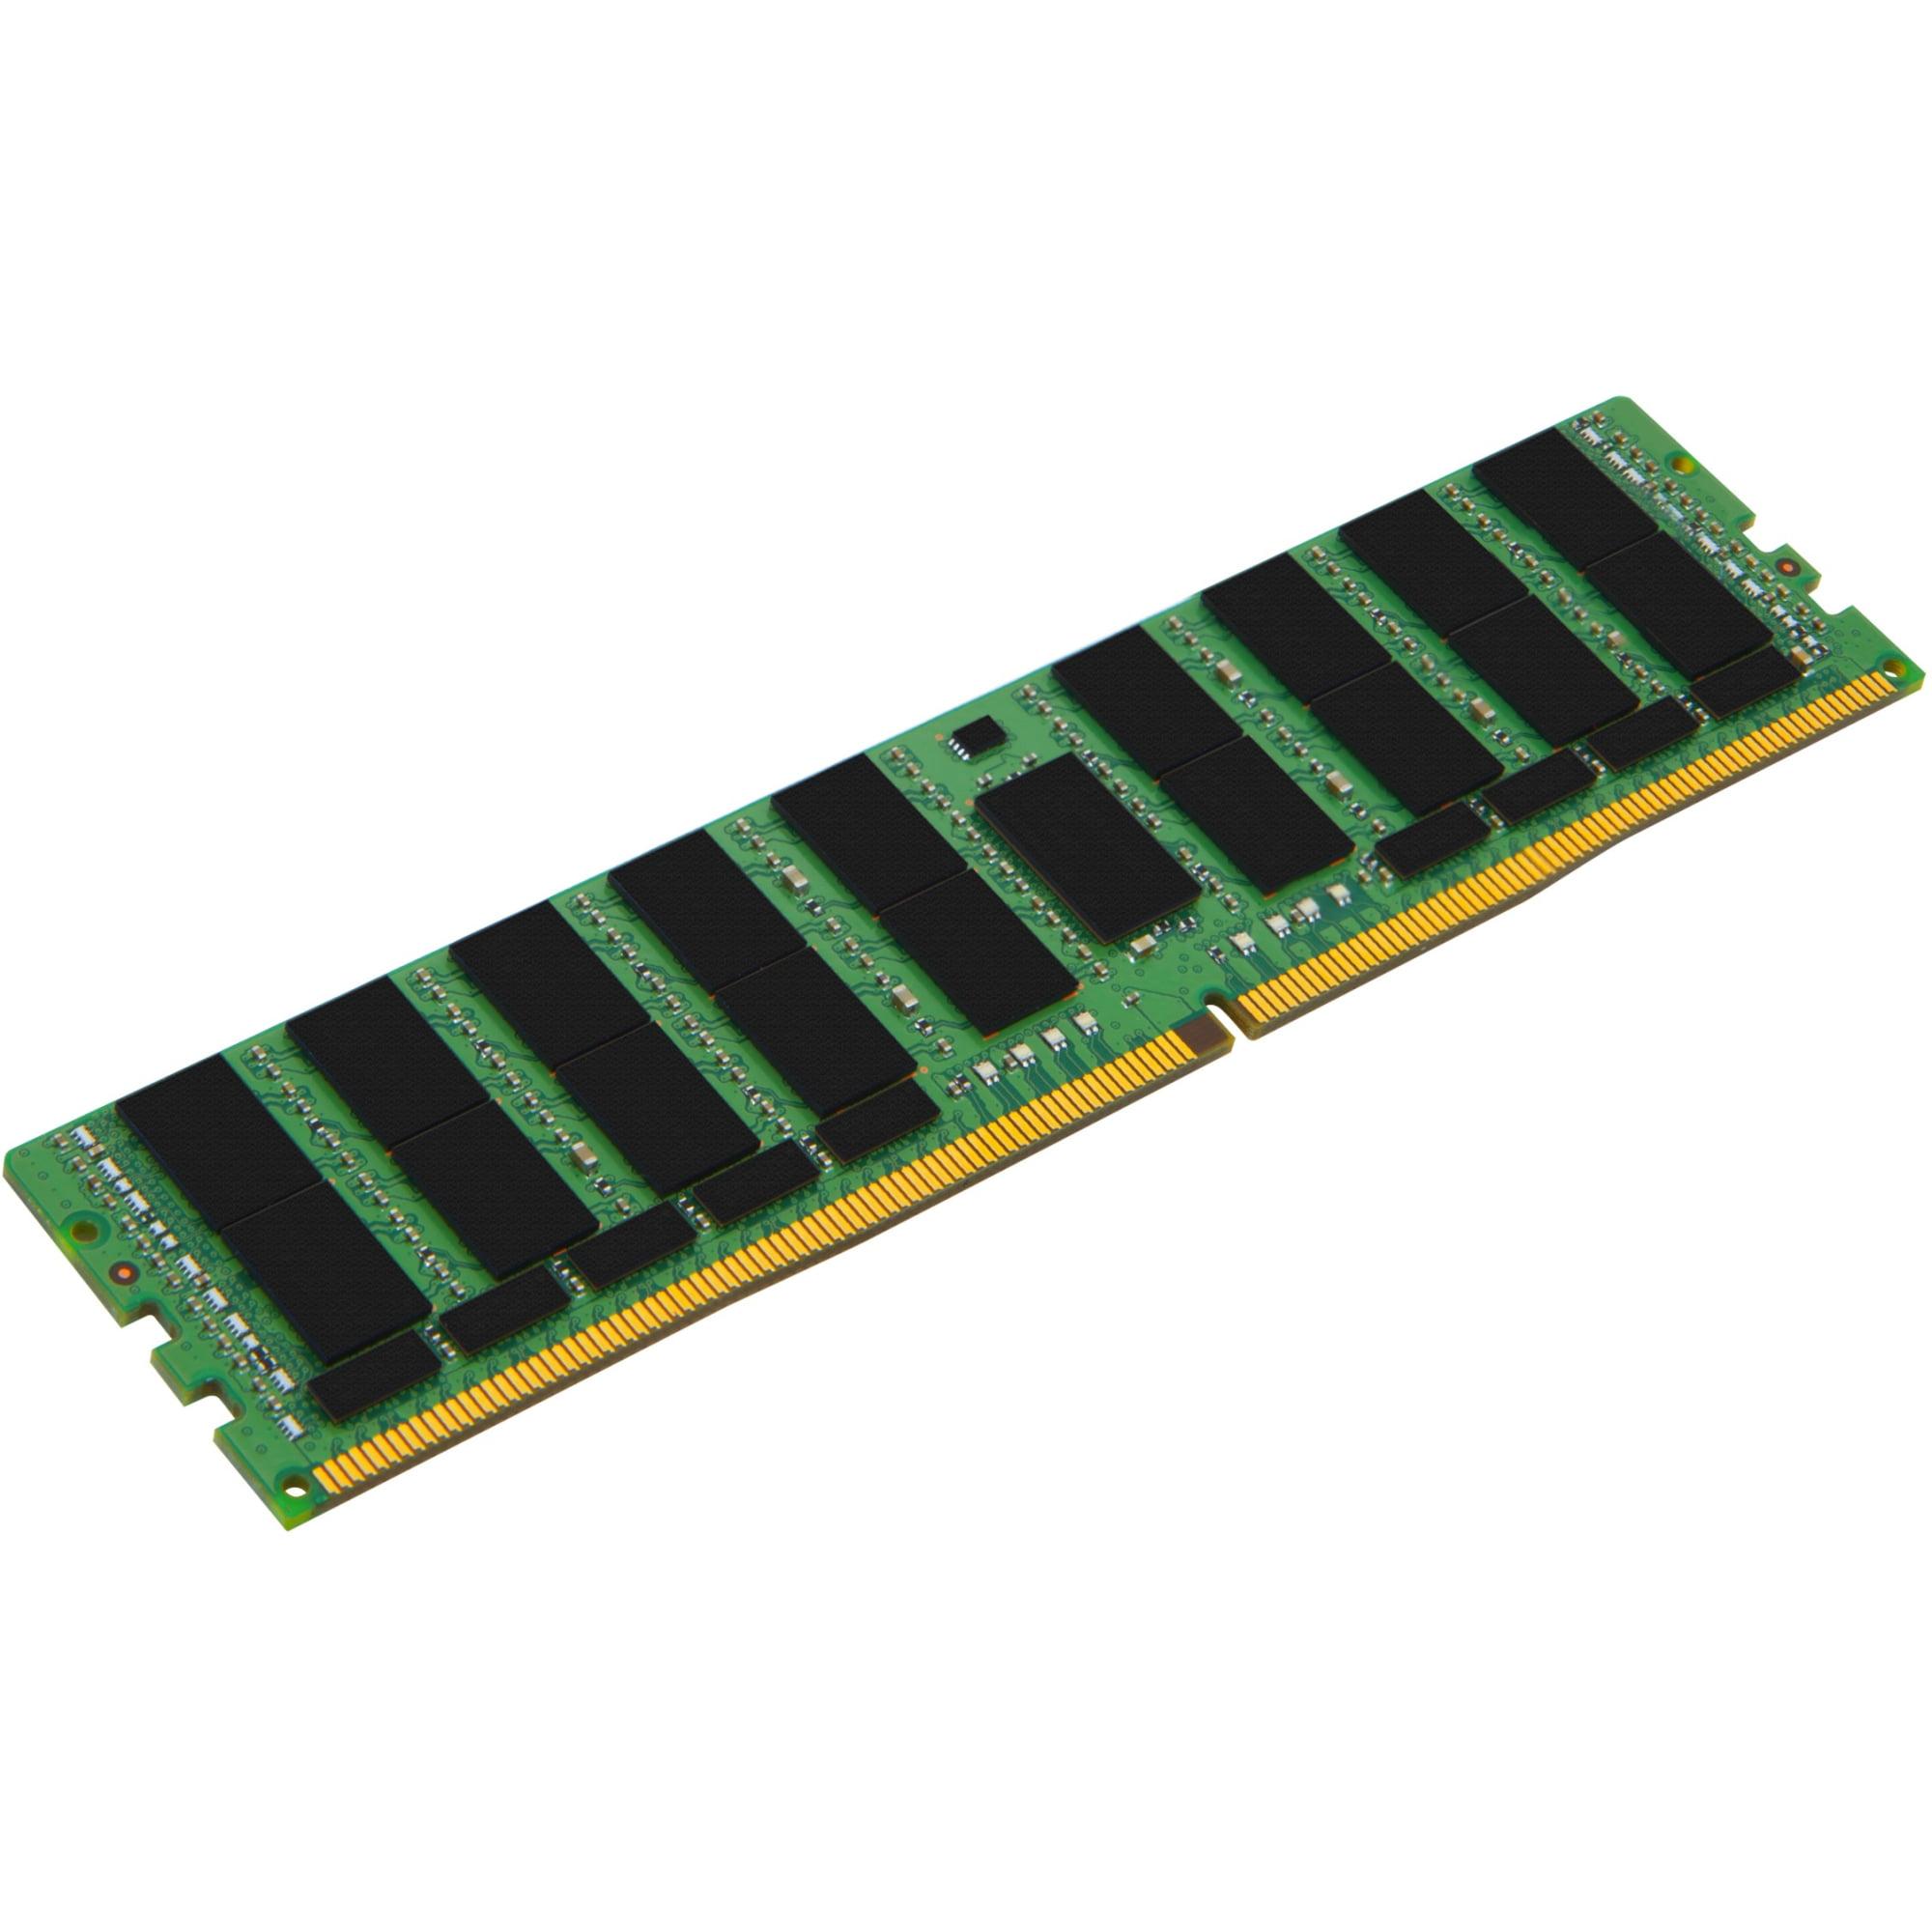 Kingston KTH-PL424L/32G 32gb Ddr4 2400mhz Lrdimm Dual Mem Rank Module